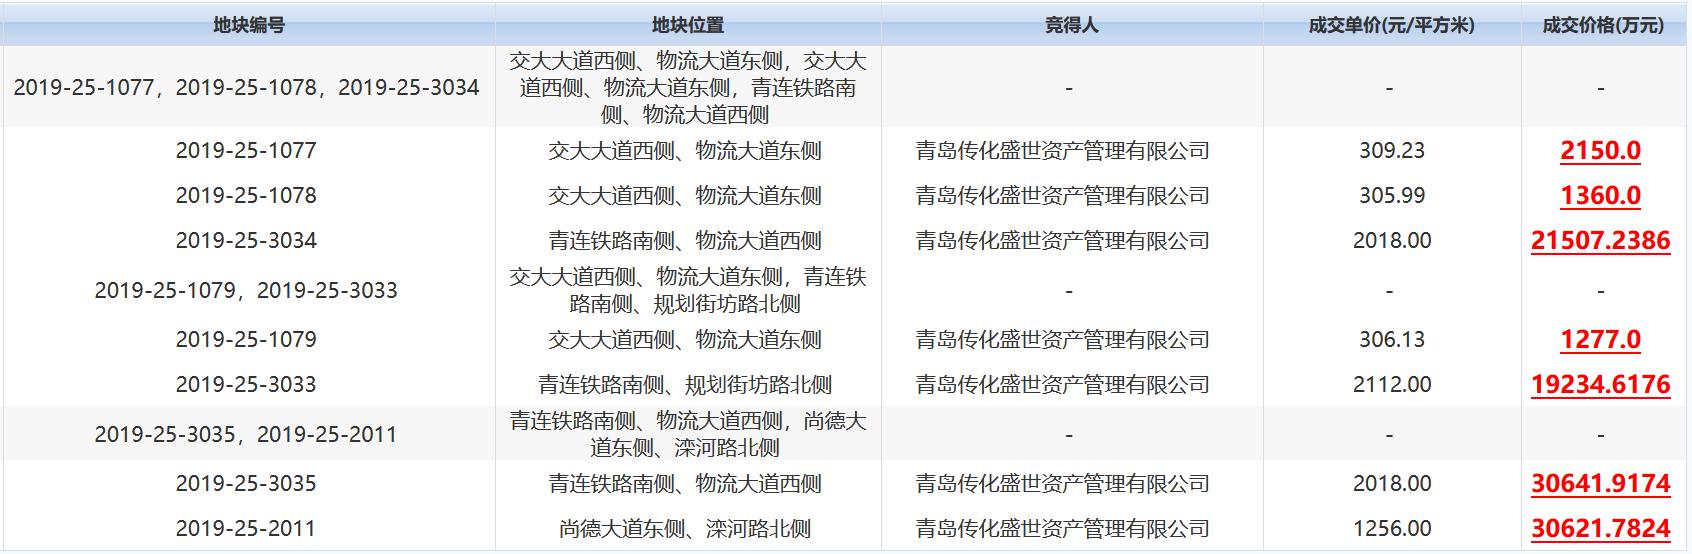 山东青岛16宗地块集中出让 总成交价31.5亿元-中国网地产